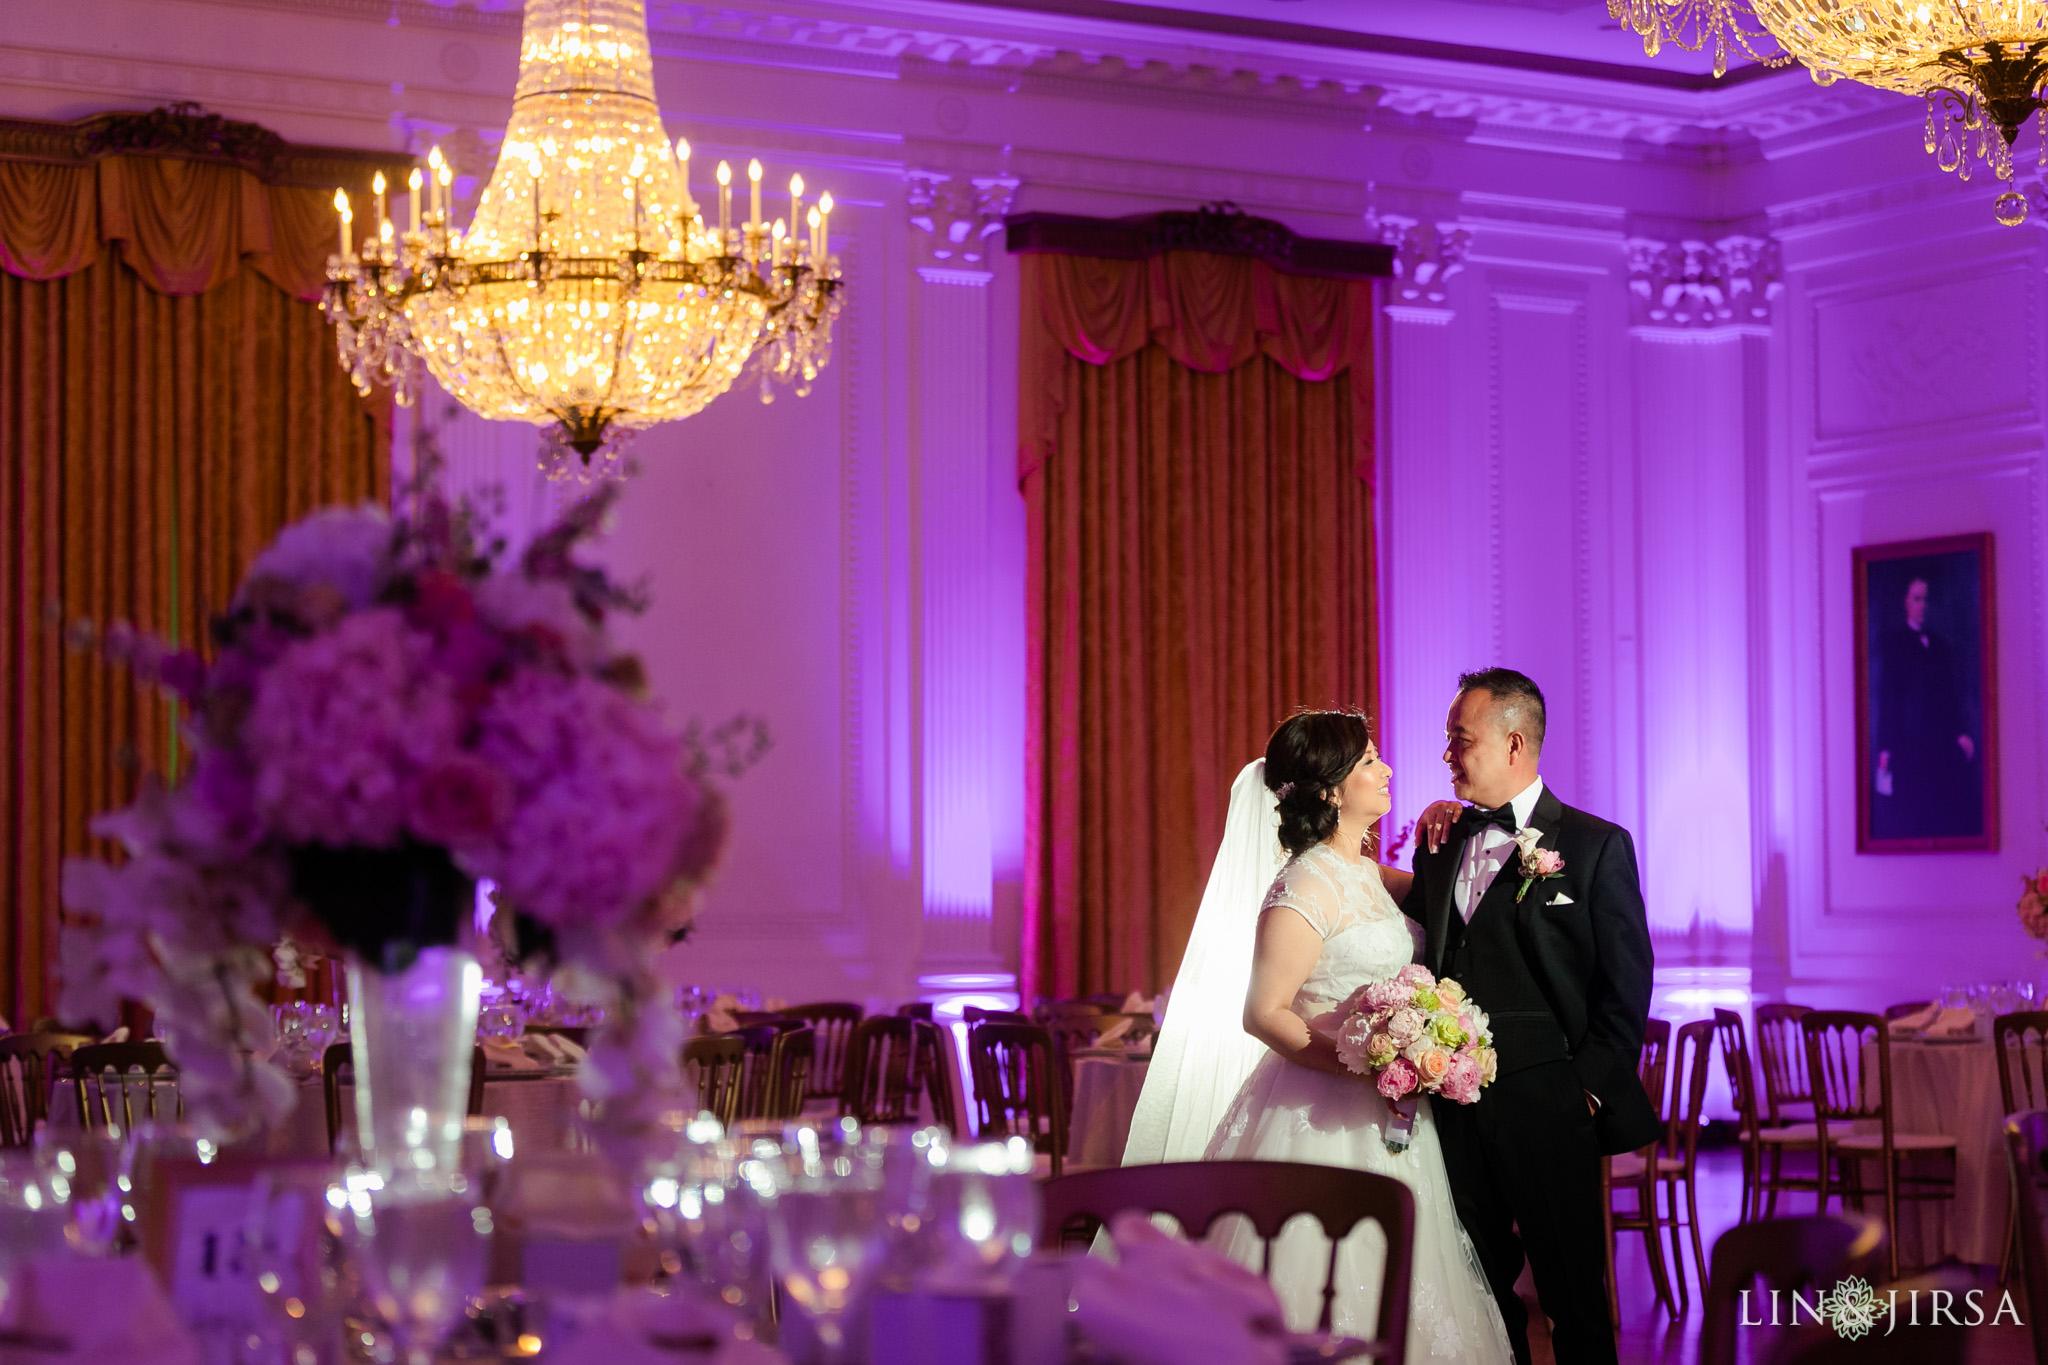 30 Richard Nixon Library Yorba Linda Wedding Photography